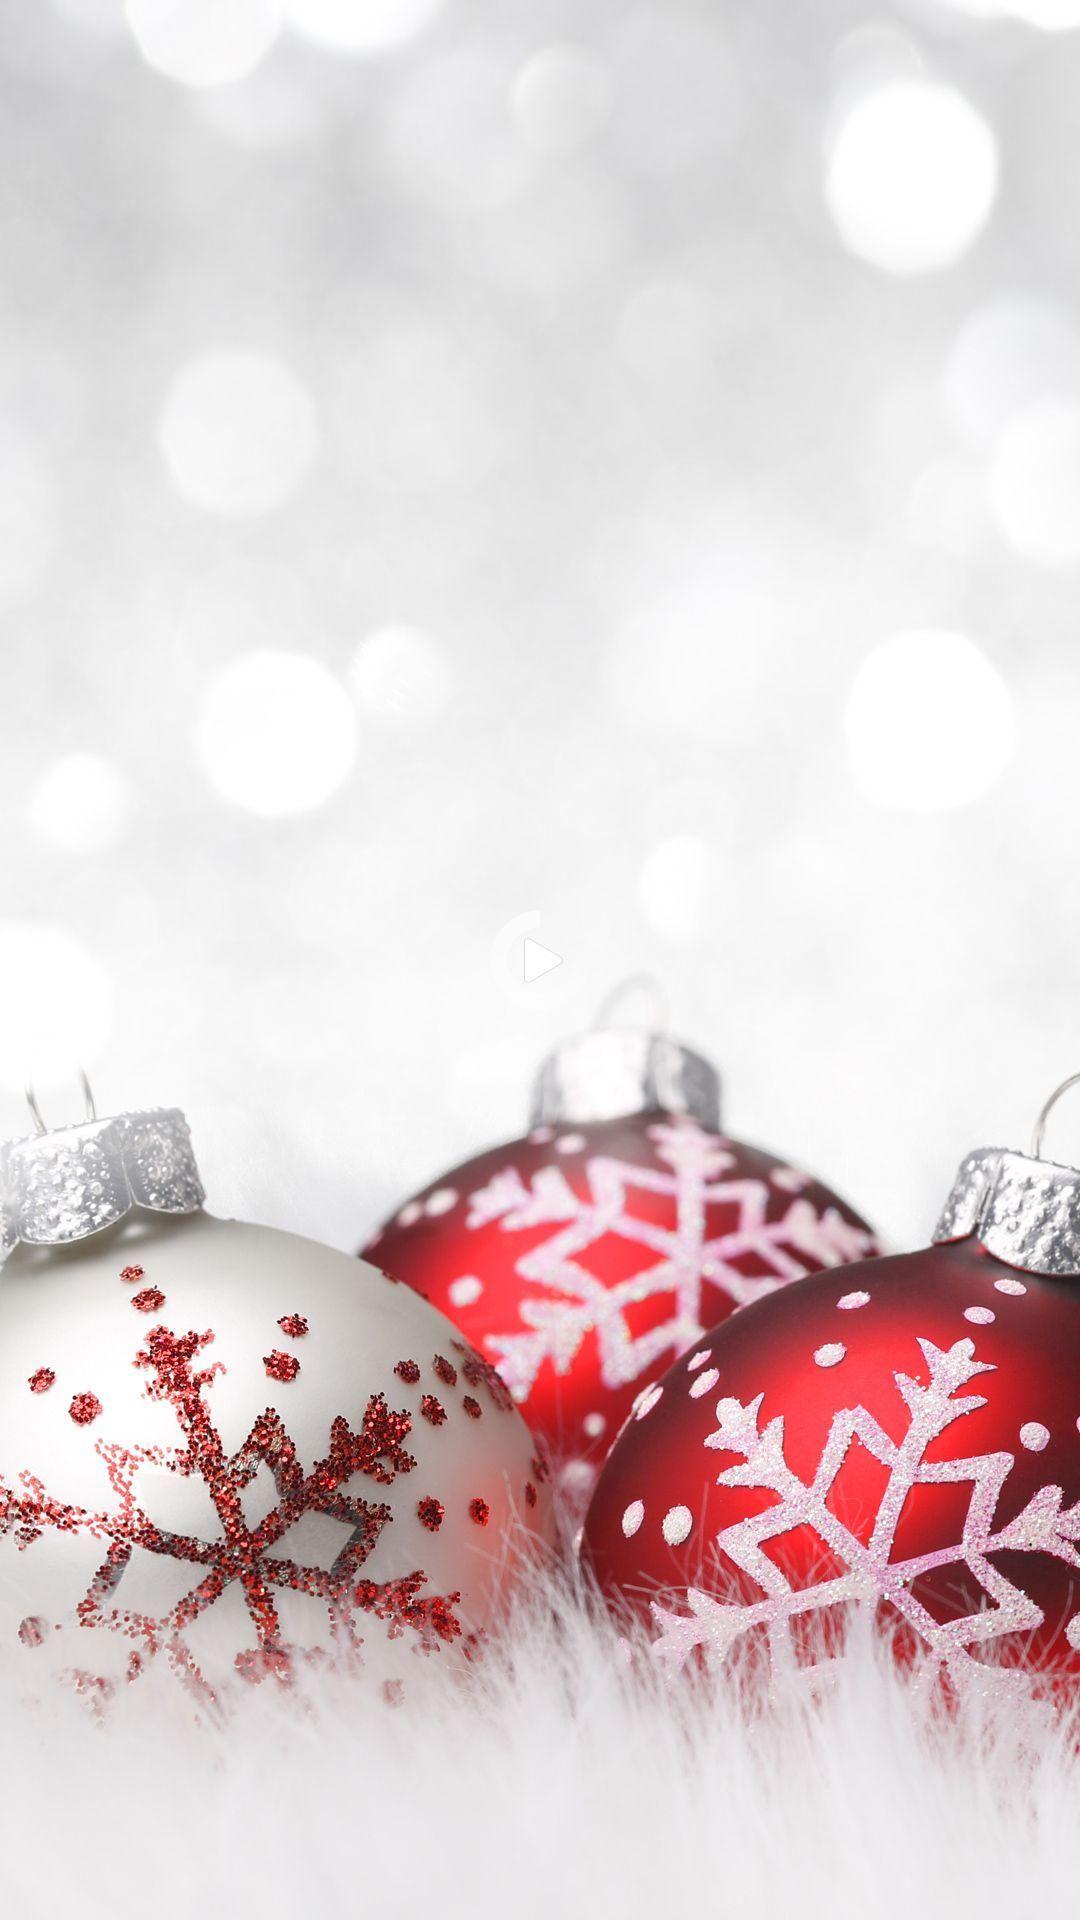 Best Buy Hyper Hyperdrive 7 Port Usb C Hub Usb C Docking Station For In 2021 Christmas Tree Wallpaper Iphone Christmas Phone Wallpaper Wallpaper Iphone Christmas